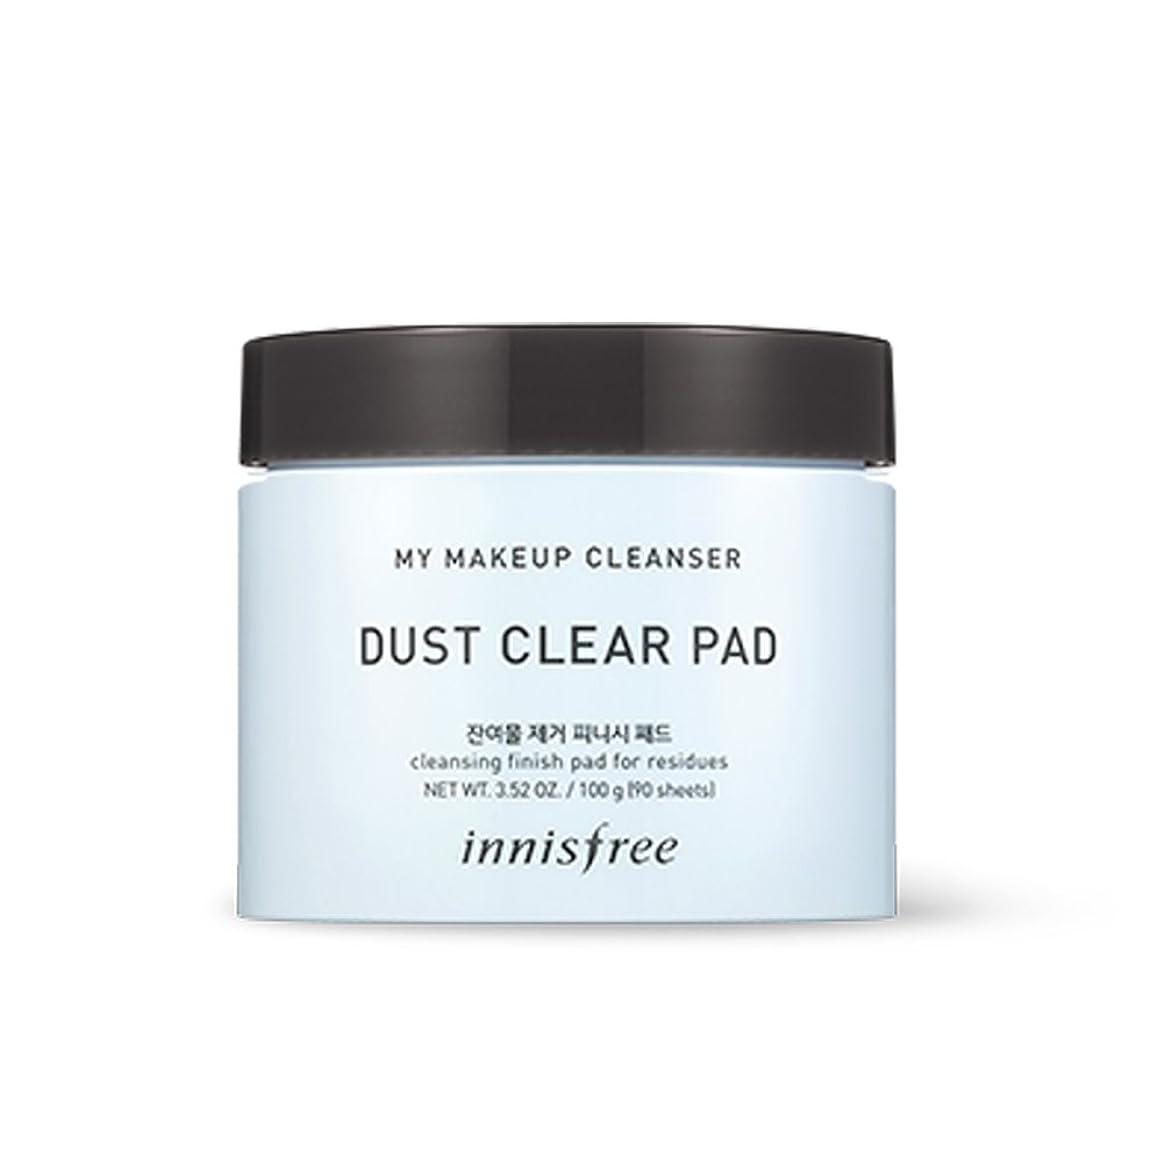 罰頂点ゼロイニスフリーマイメイクアップクレンザー - ダストクリアパッド90ea x 1個 Innisfree My Makeup Cleanser - Dust Clear Pad 90ea x 1pcs [海外直送品][並行輸入品]